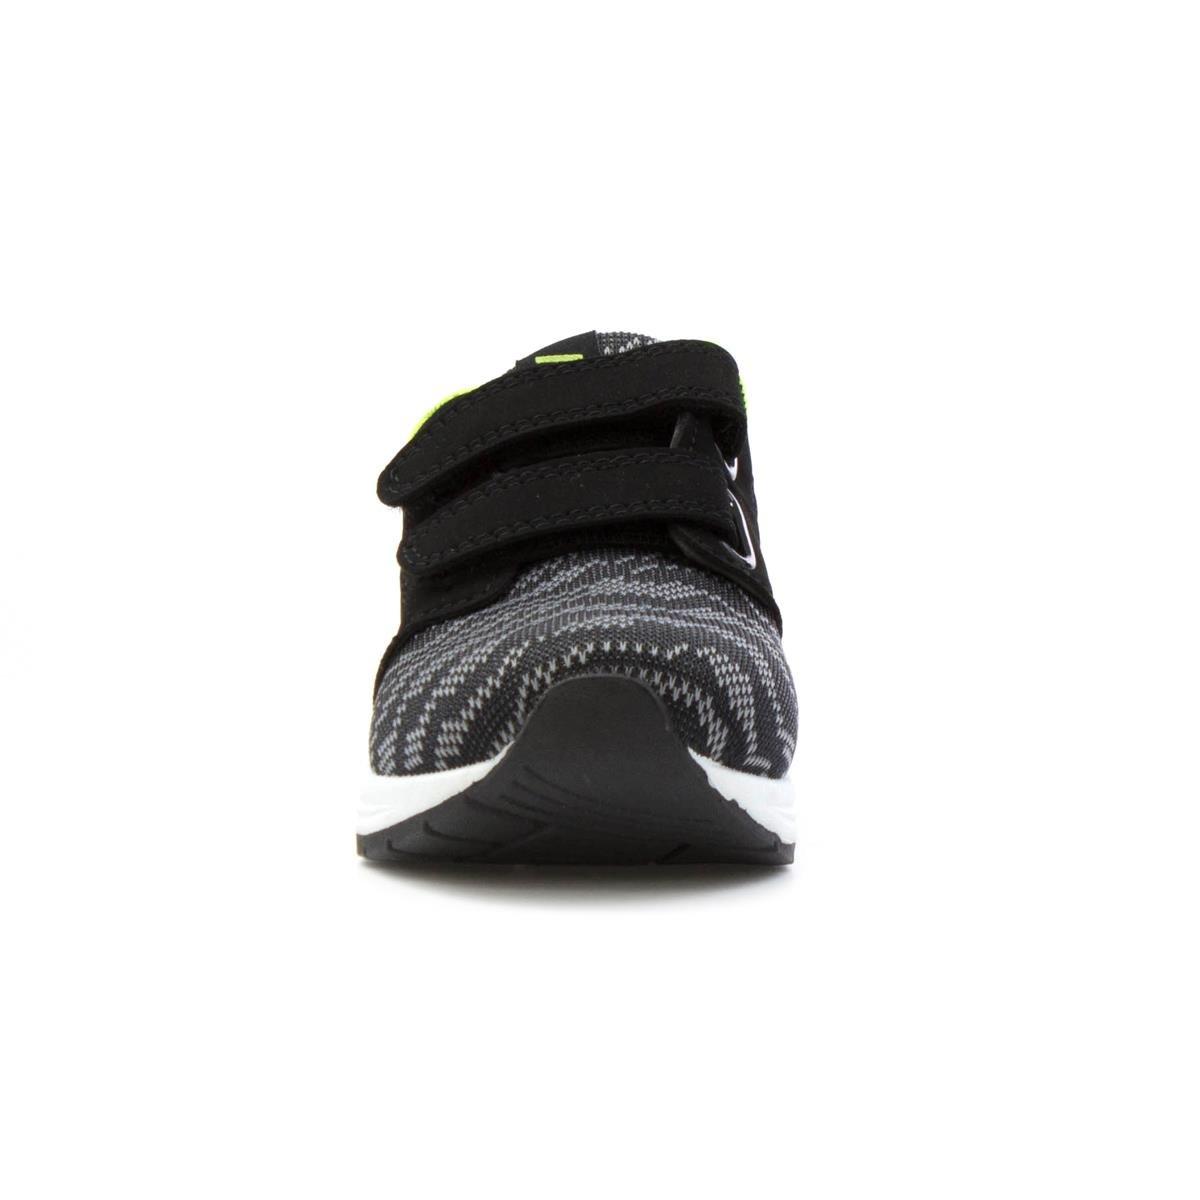 Mercury - Zapatillas para niño, color, talla 32 EU Niño: Amazon.es: Zapatos y complementos